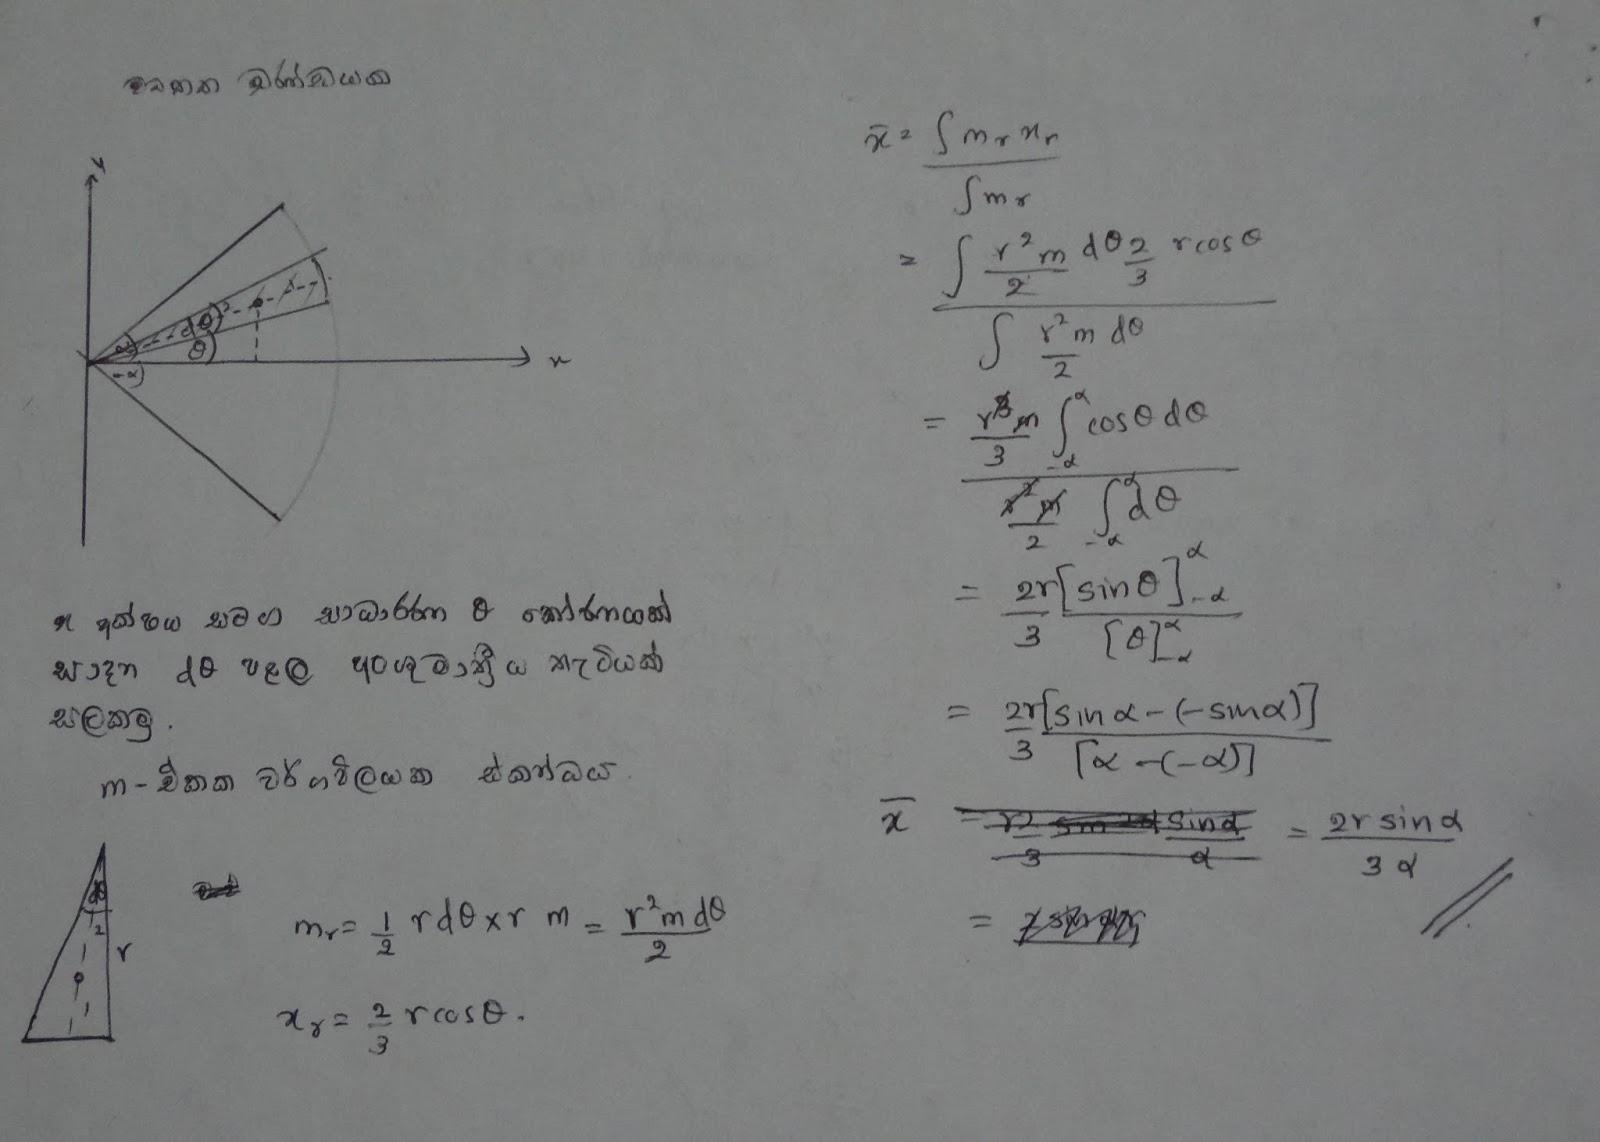 Center of mass by integration (අනුකලනය බාවිතයෙන් ගුරුත්ව